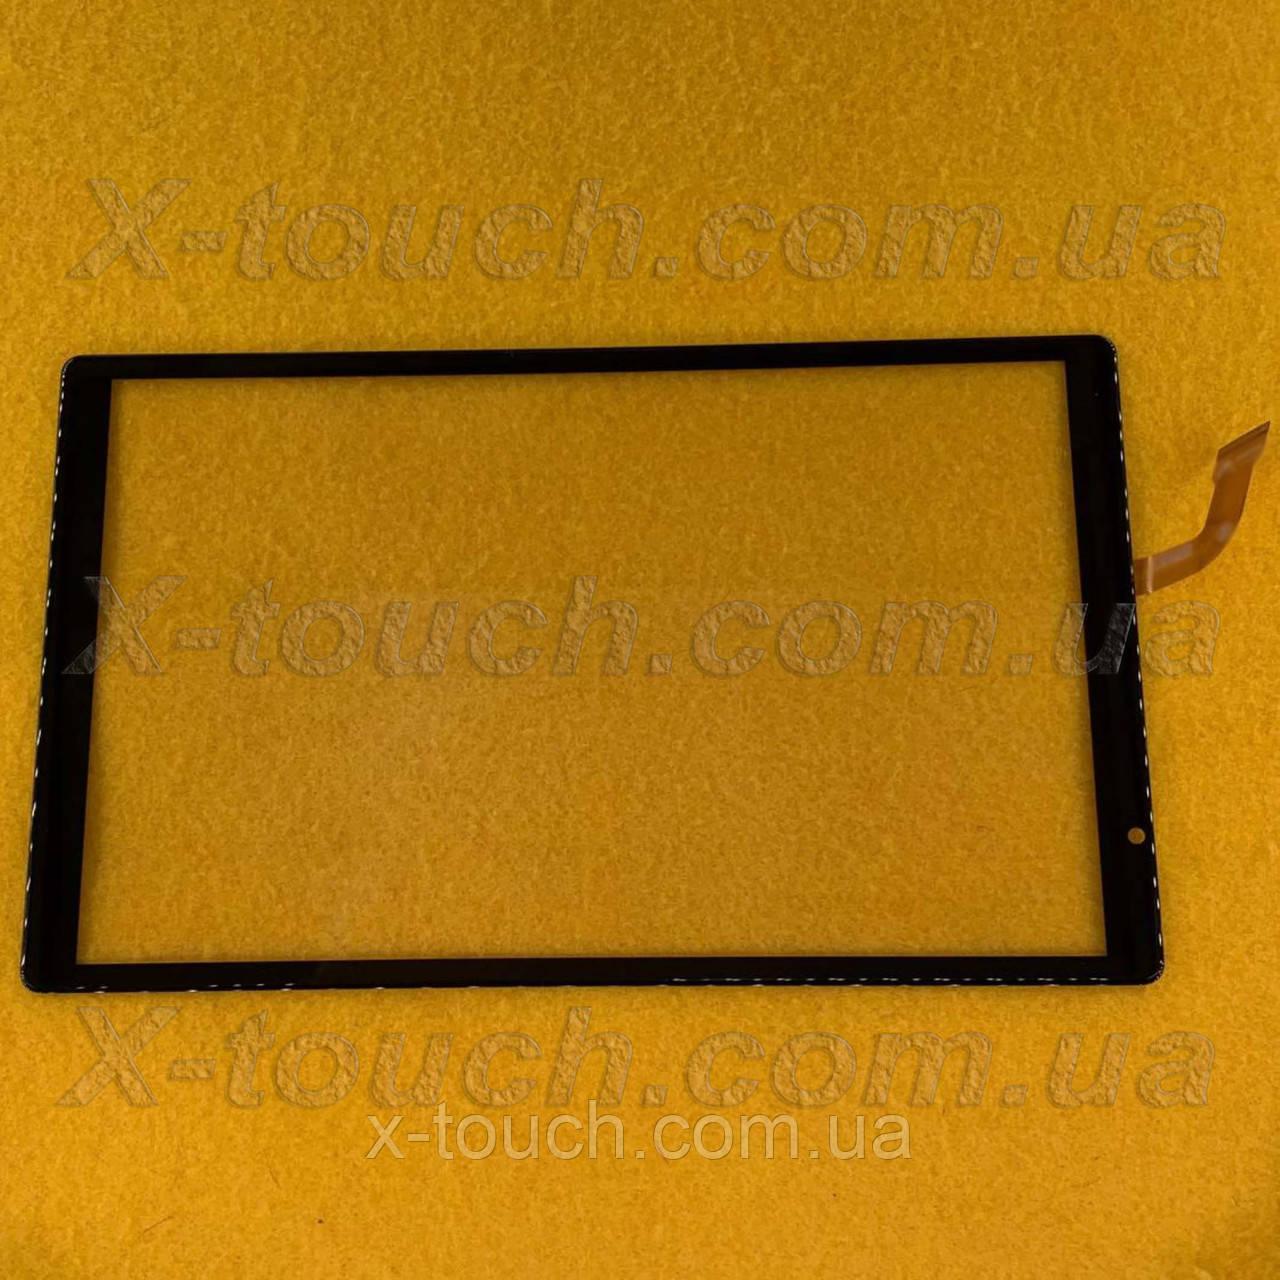 Тачскрин, сенсор HZYCTP-102366 для планшета